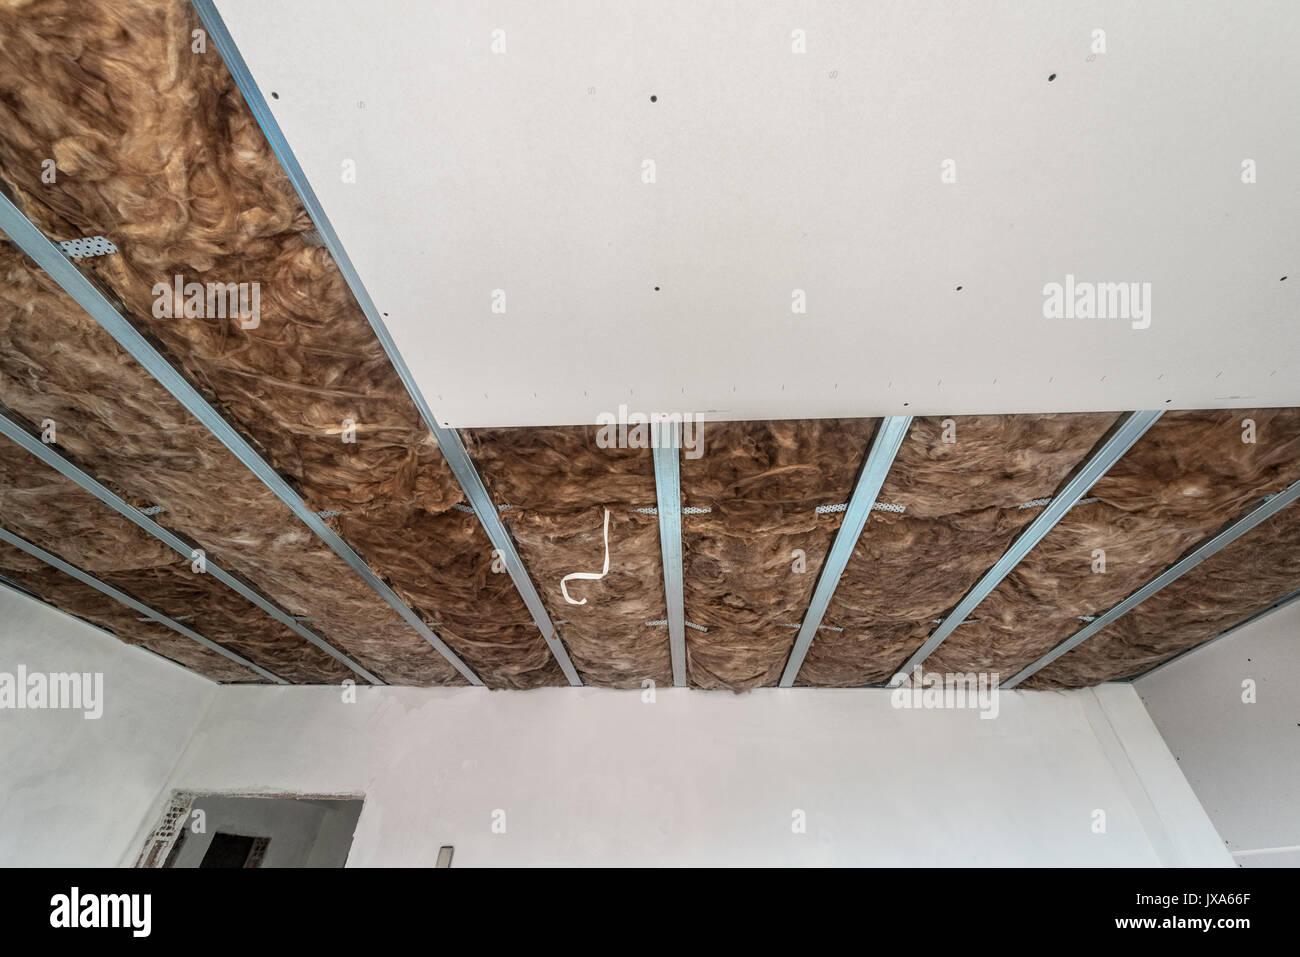 gipsplatten sind im bau. gips an der wand stockfoto, bild: 153888407